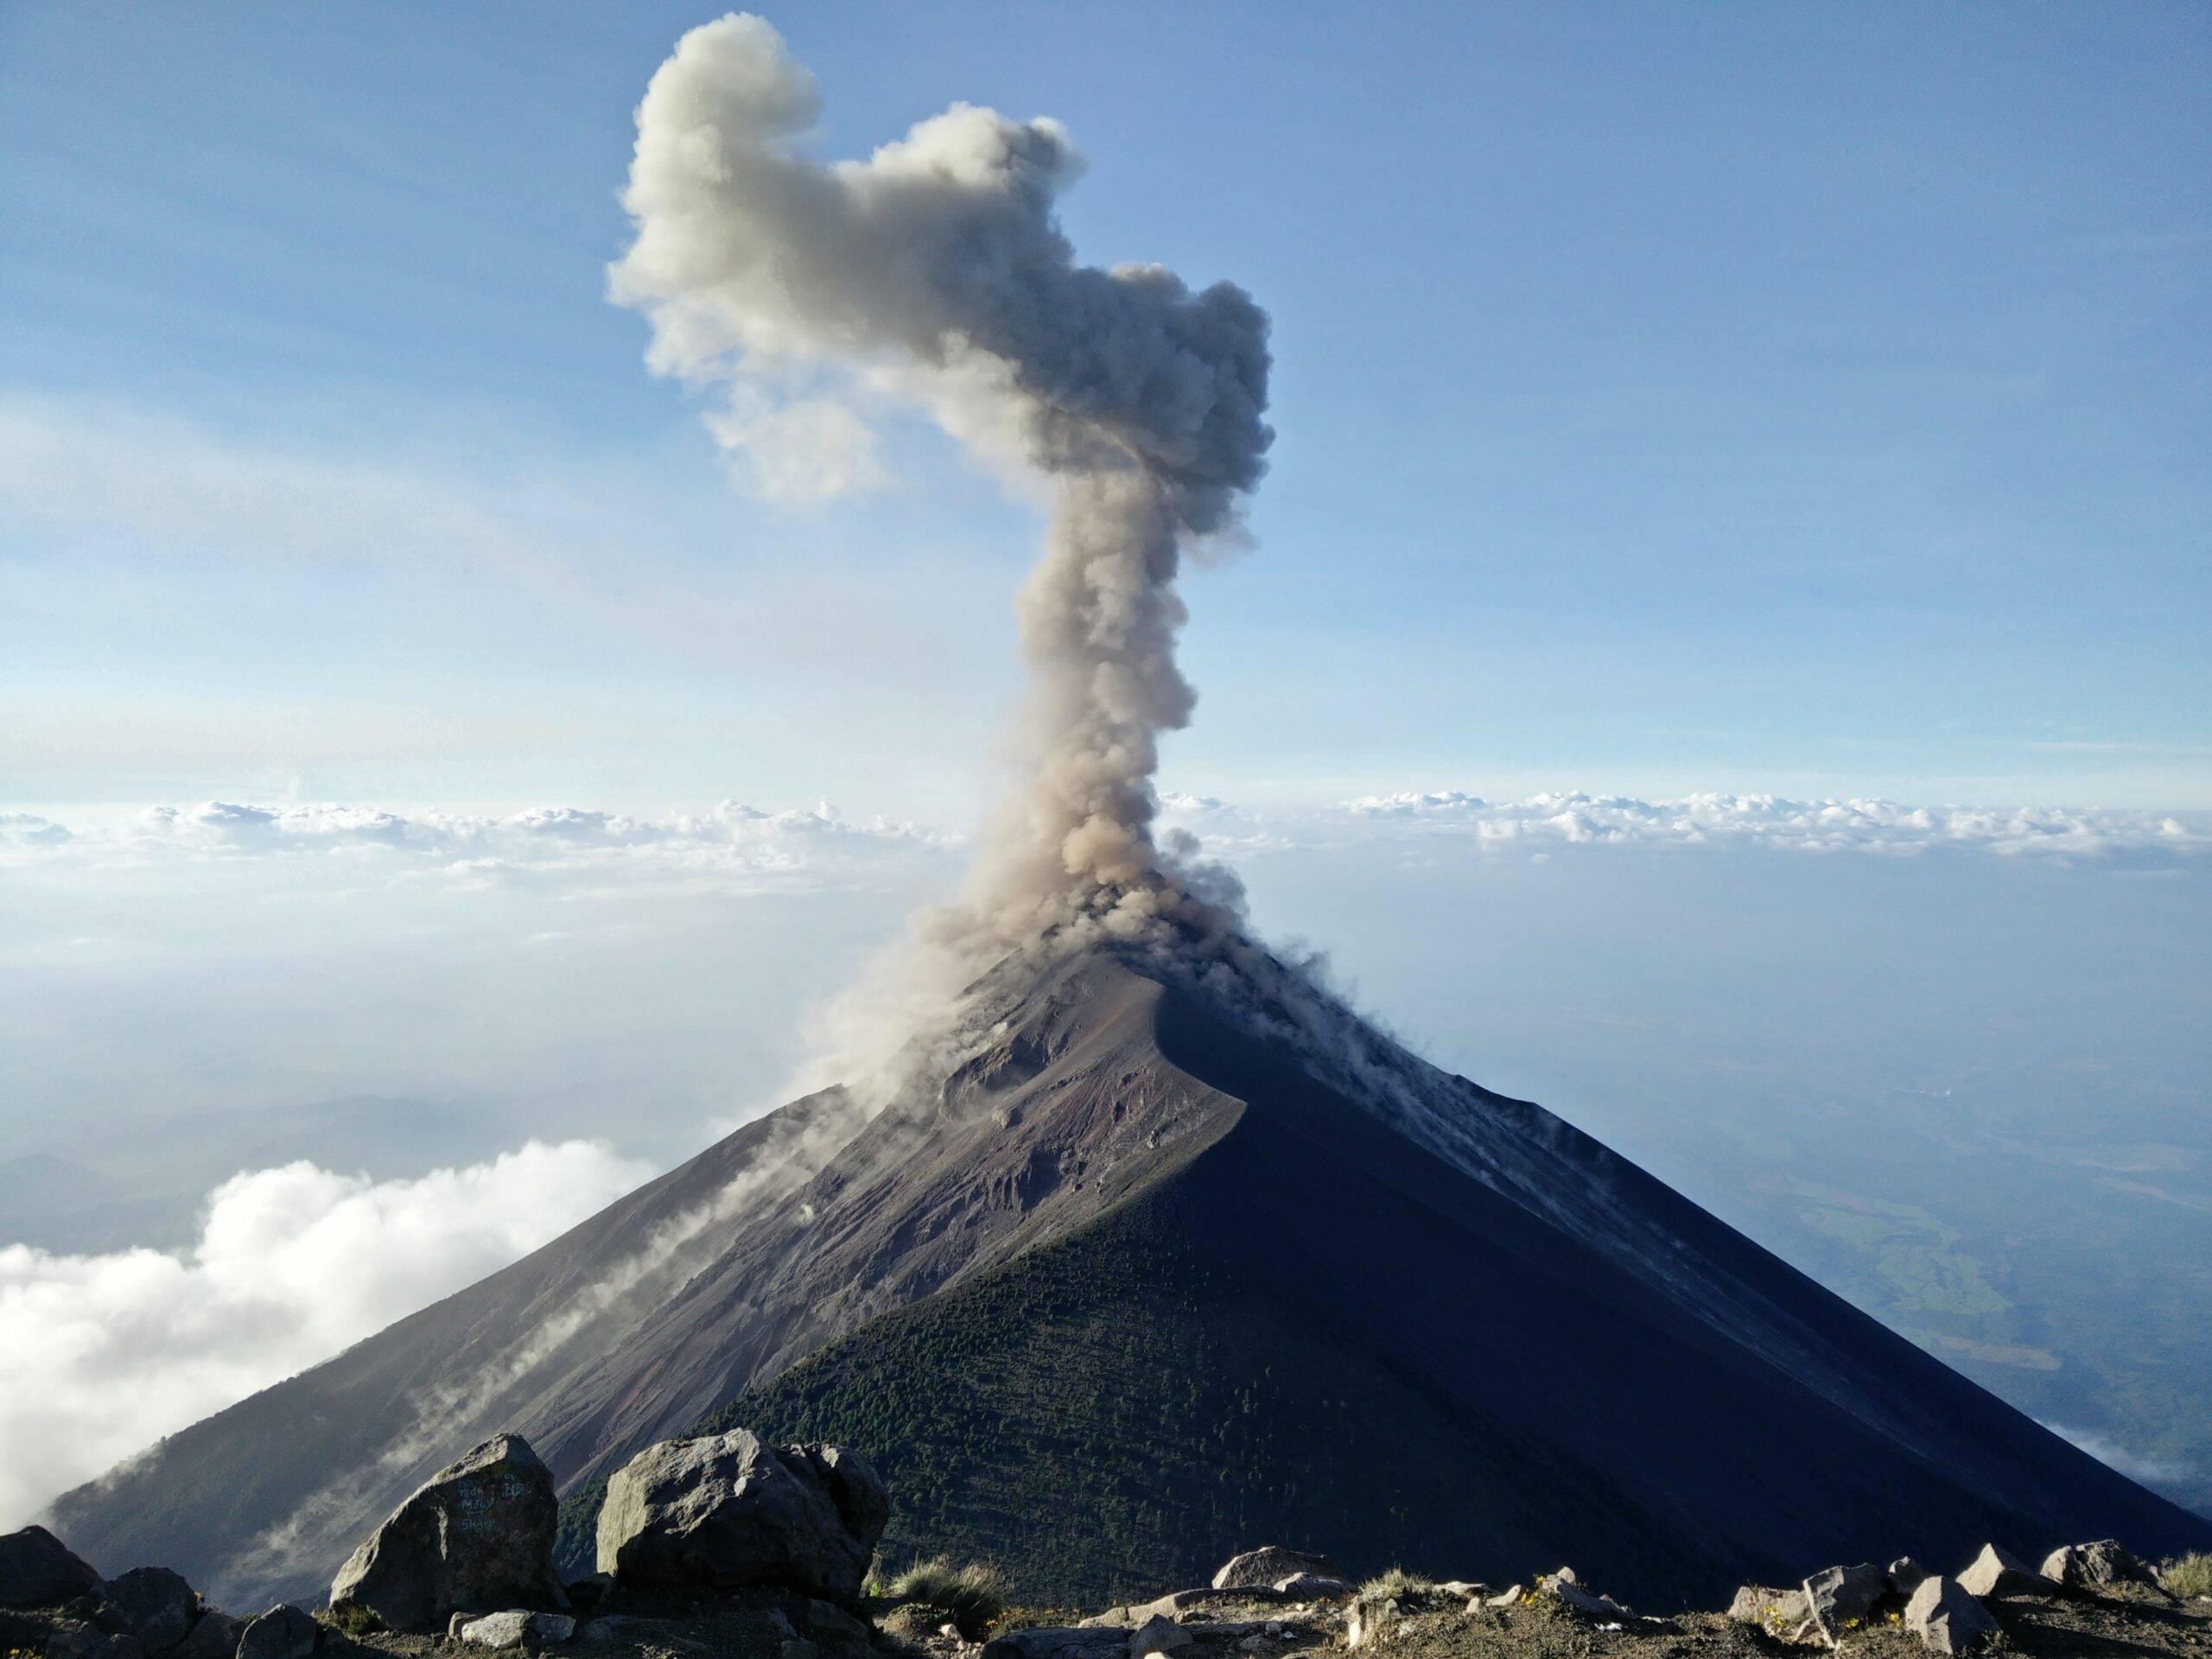 O Instituto Geográfico Nacional da Espanha detectou aproximadamente 4.222 tremores no parque nacional que fica em volta do vulcão. (Foto: Unsplash)